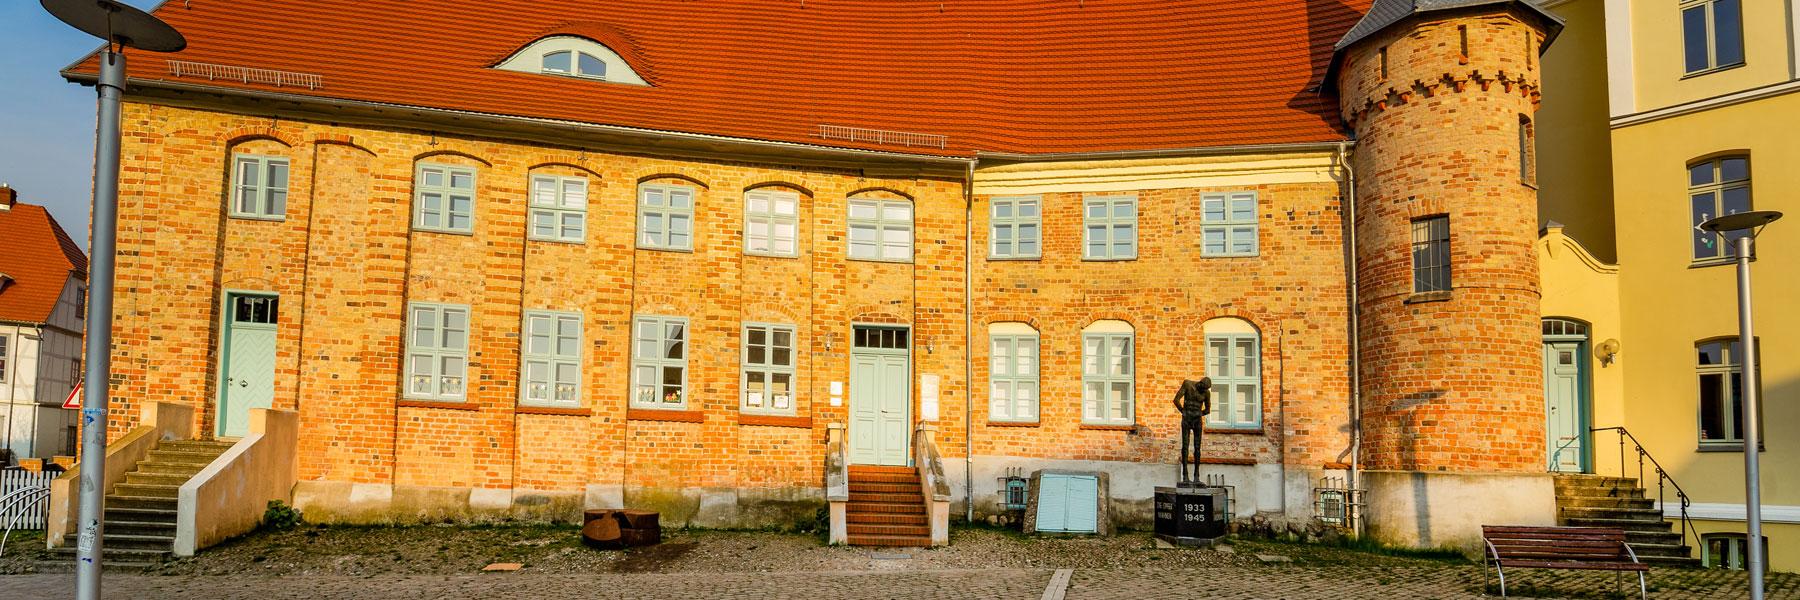 Das Krumme Haus - Stadt Bützow